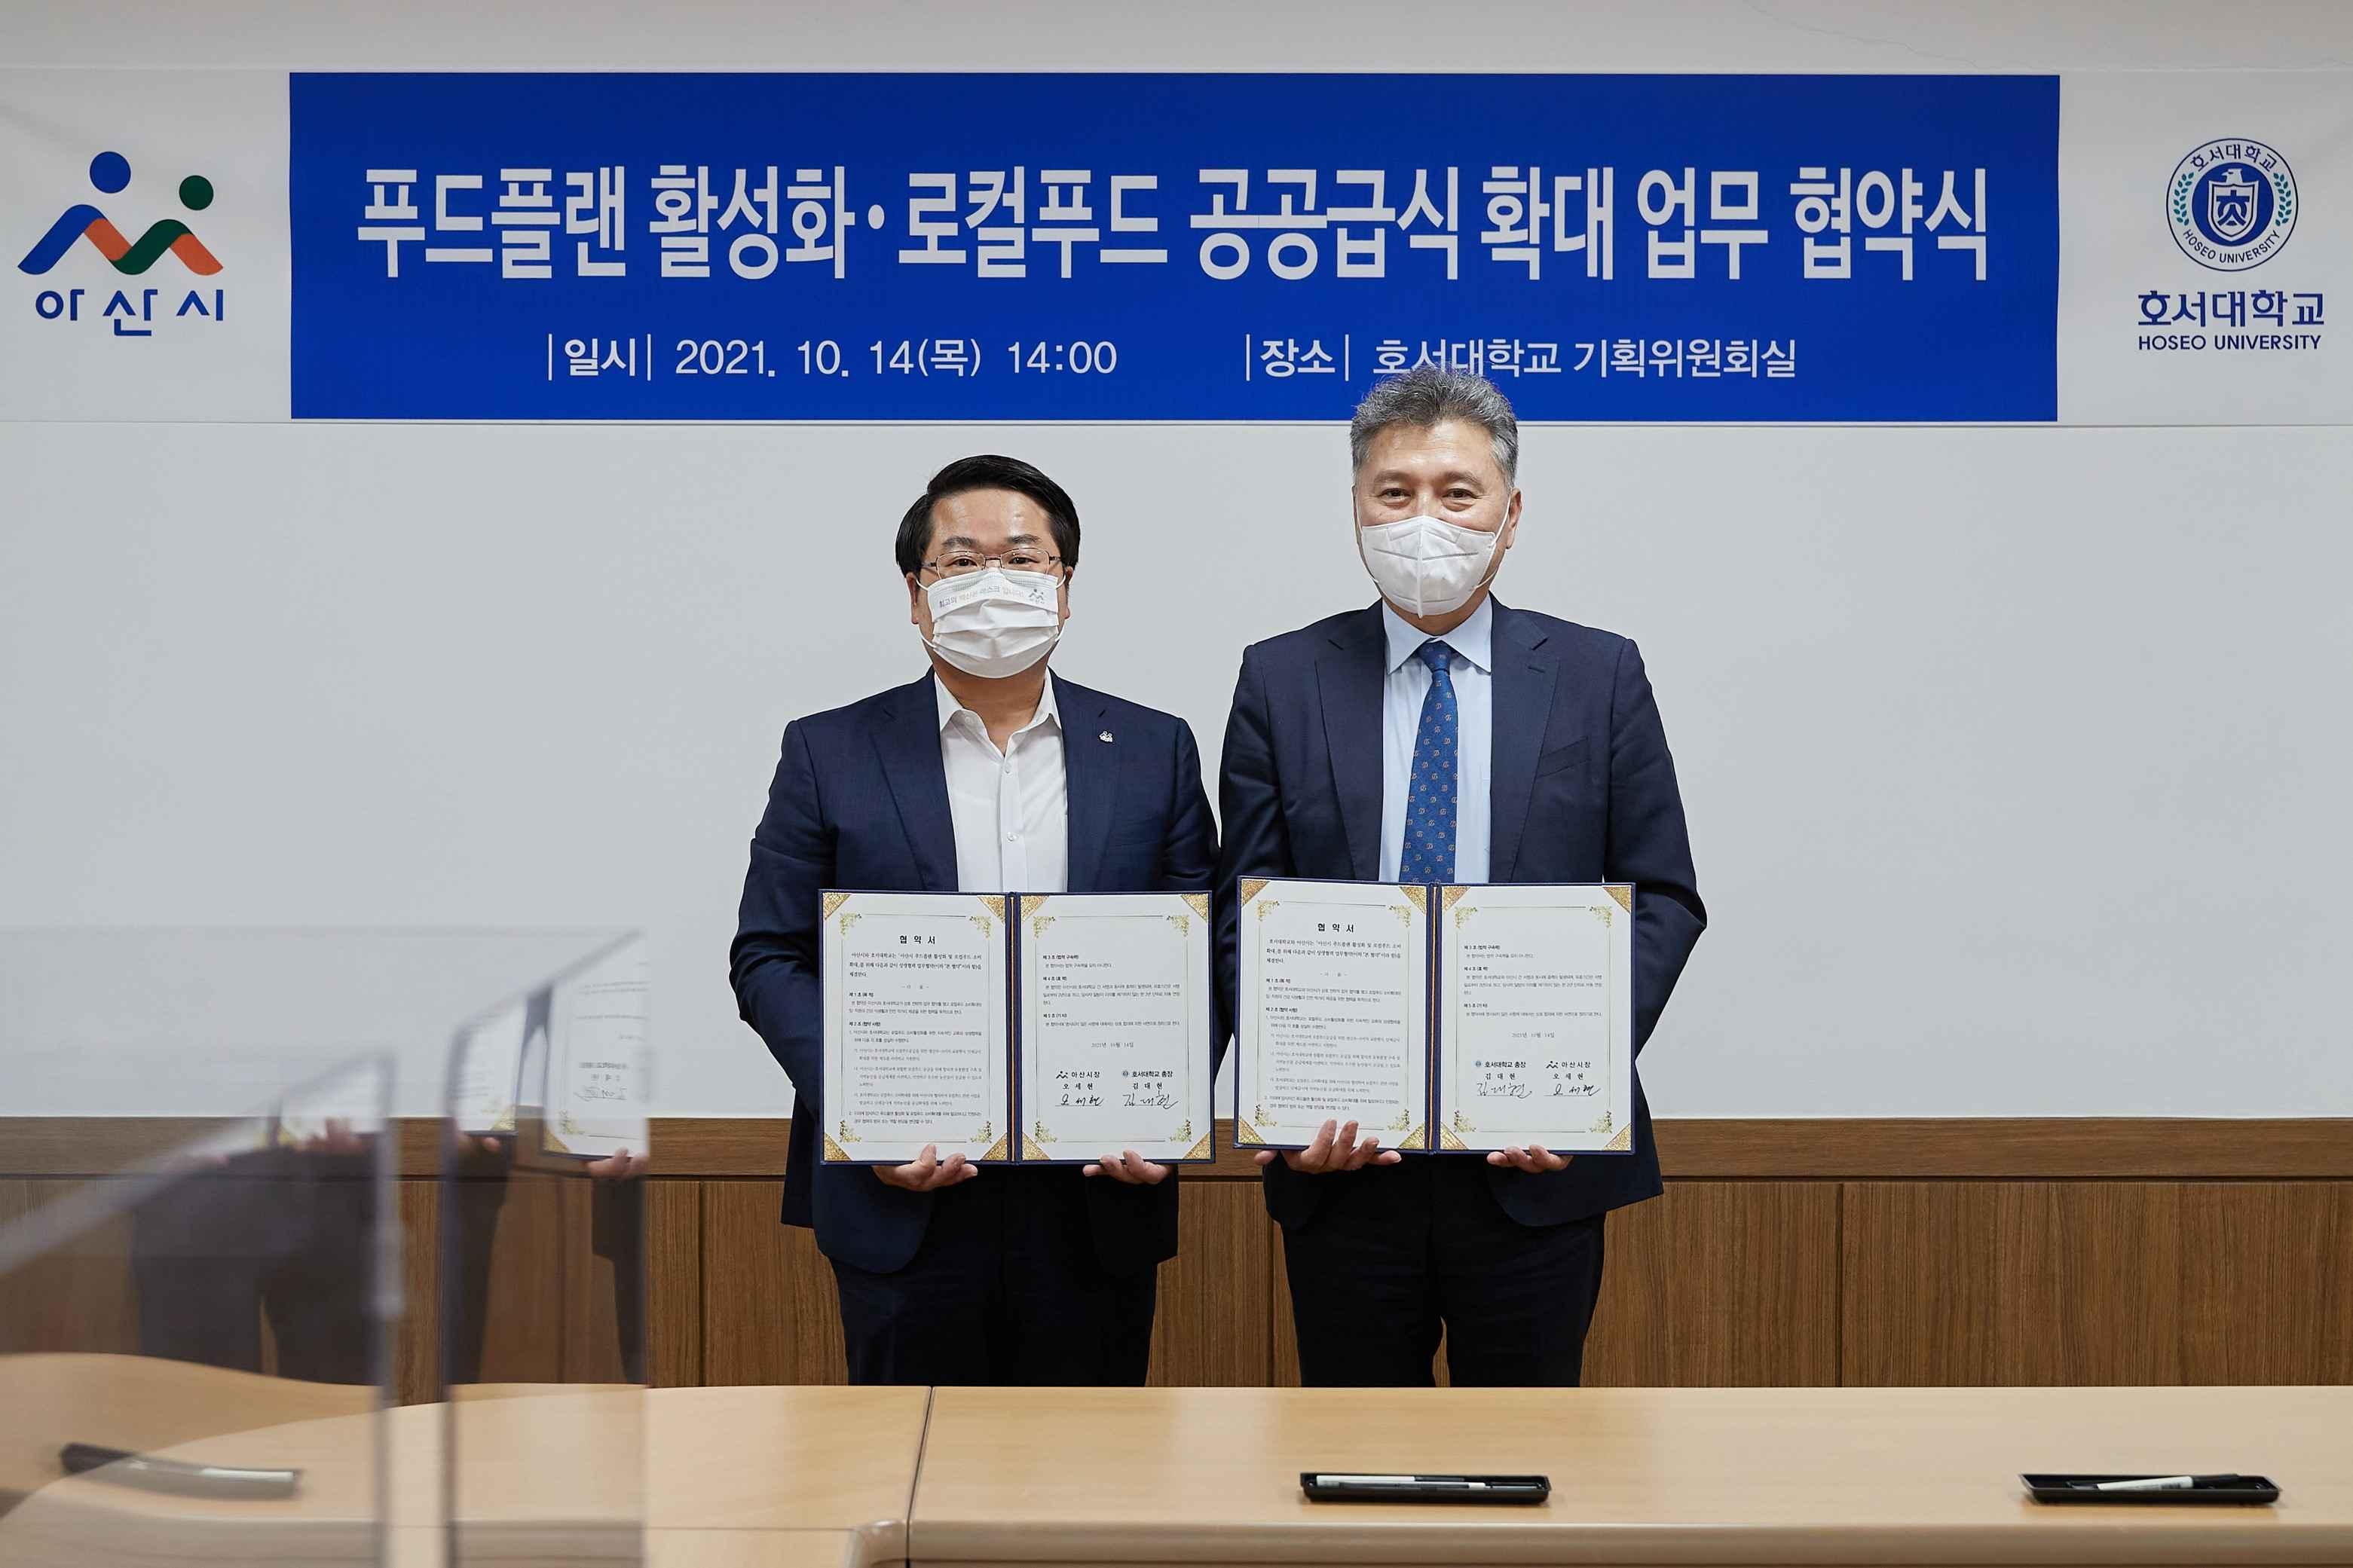 아산시-호서대학교, 푸드플랜 활성화 업무협약 체결 관련사진